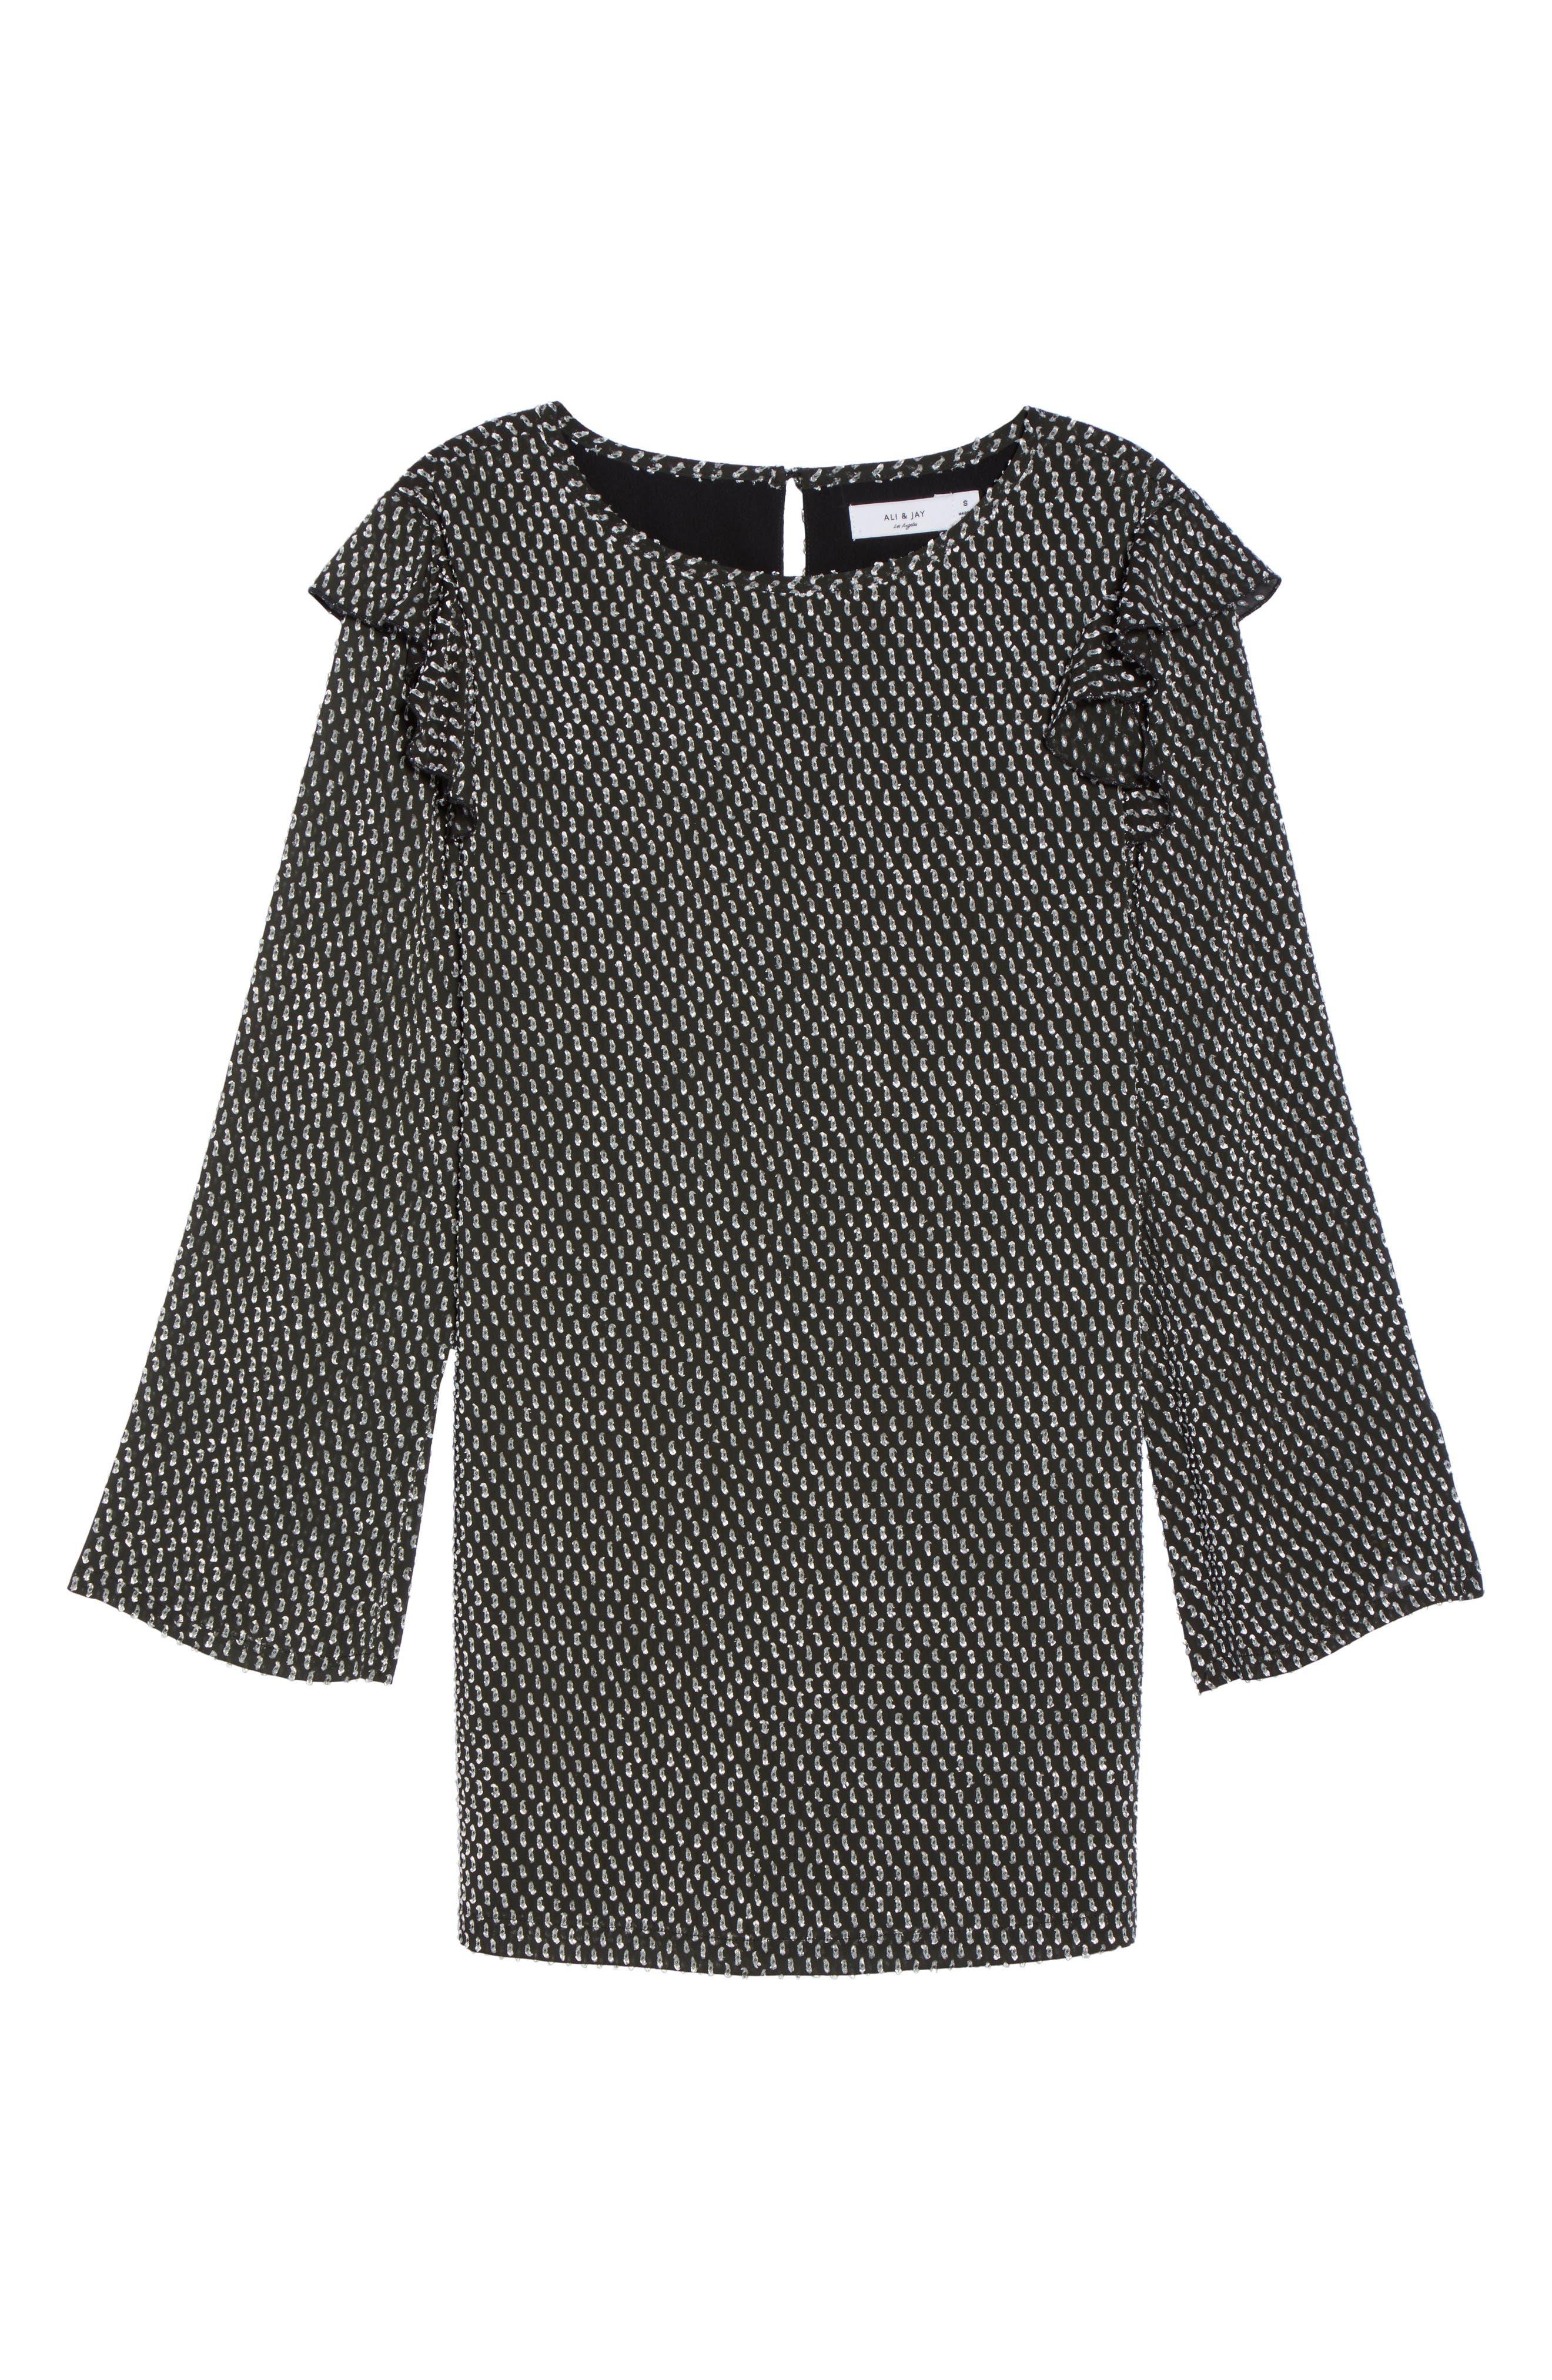 Resys at Felix Shift Dress,                             Alternate thumbnail 7, color,                             Black/ White Dot